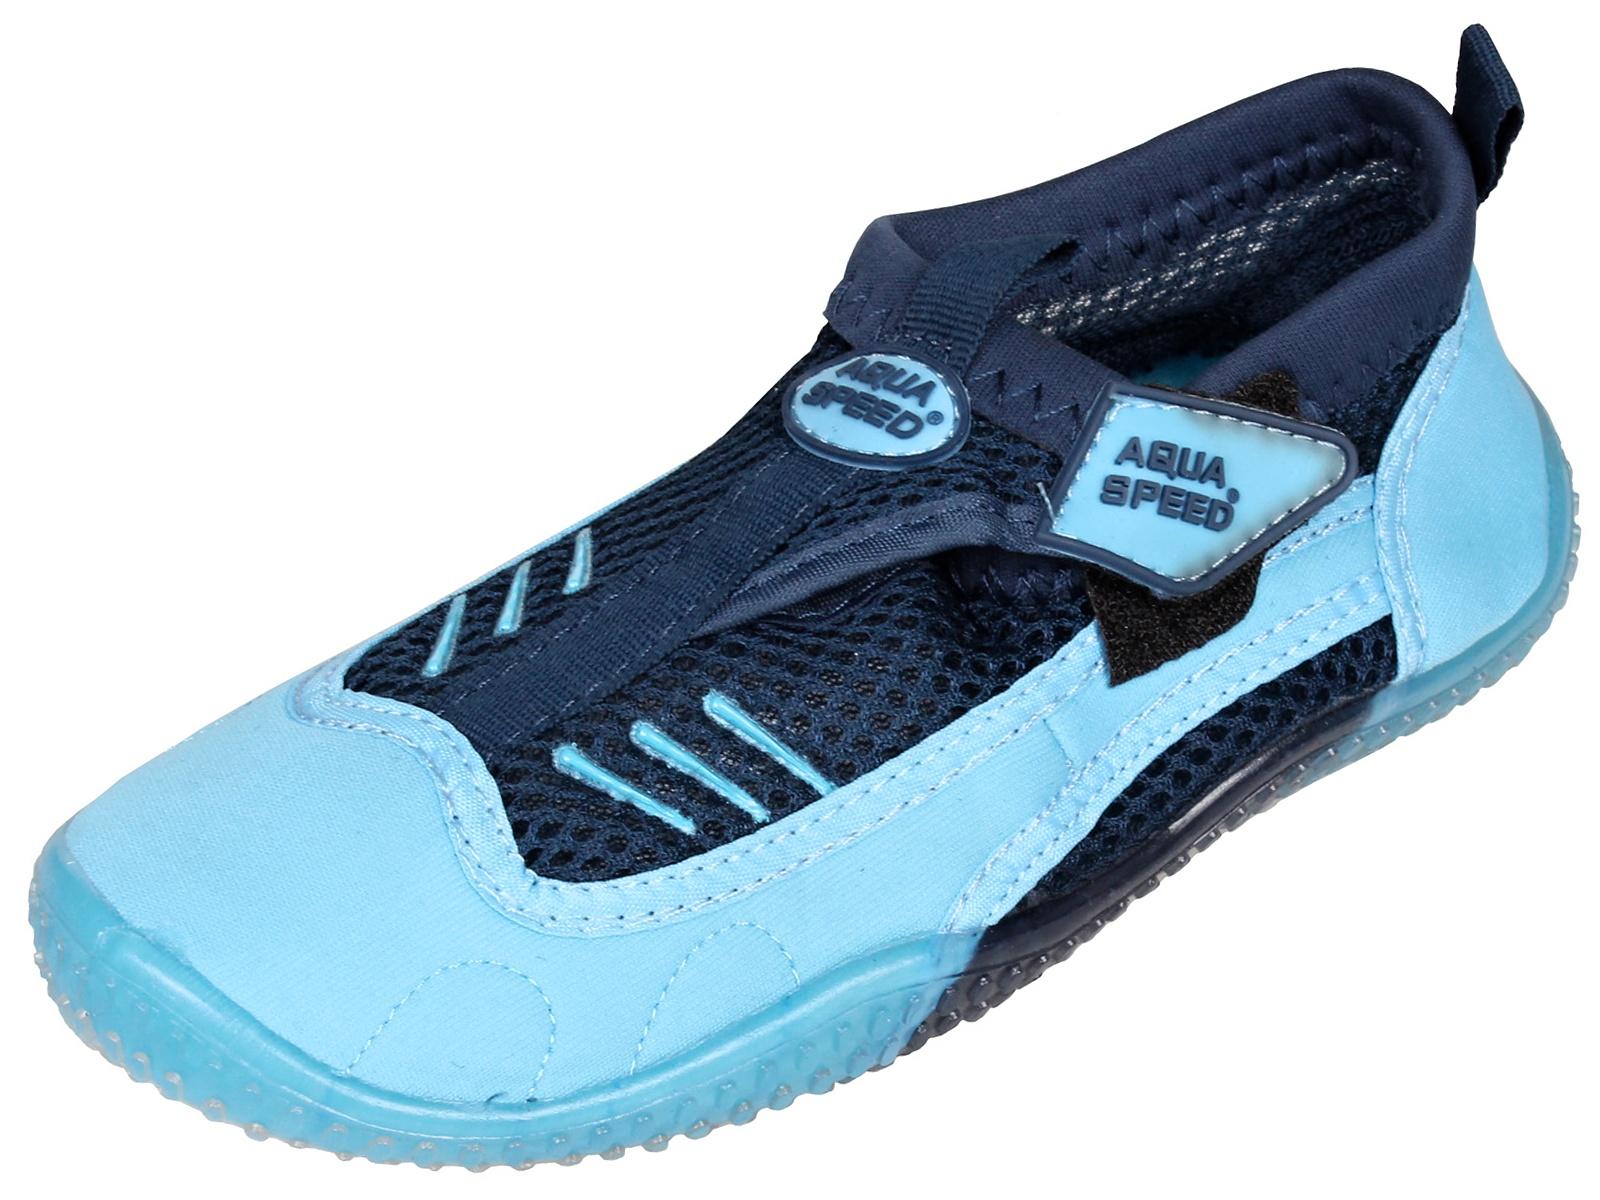 Boty do vody AQUA-SPEED 7A modré - vel. 44